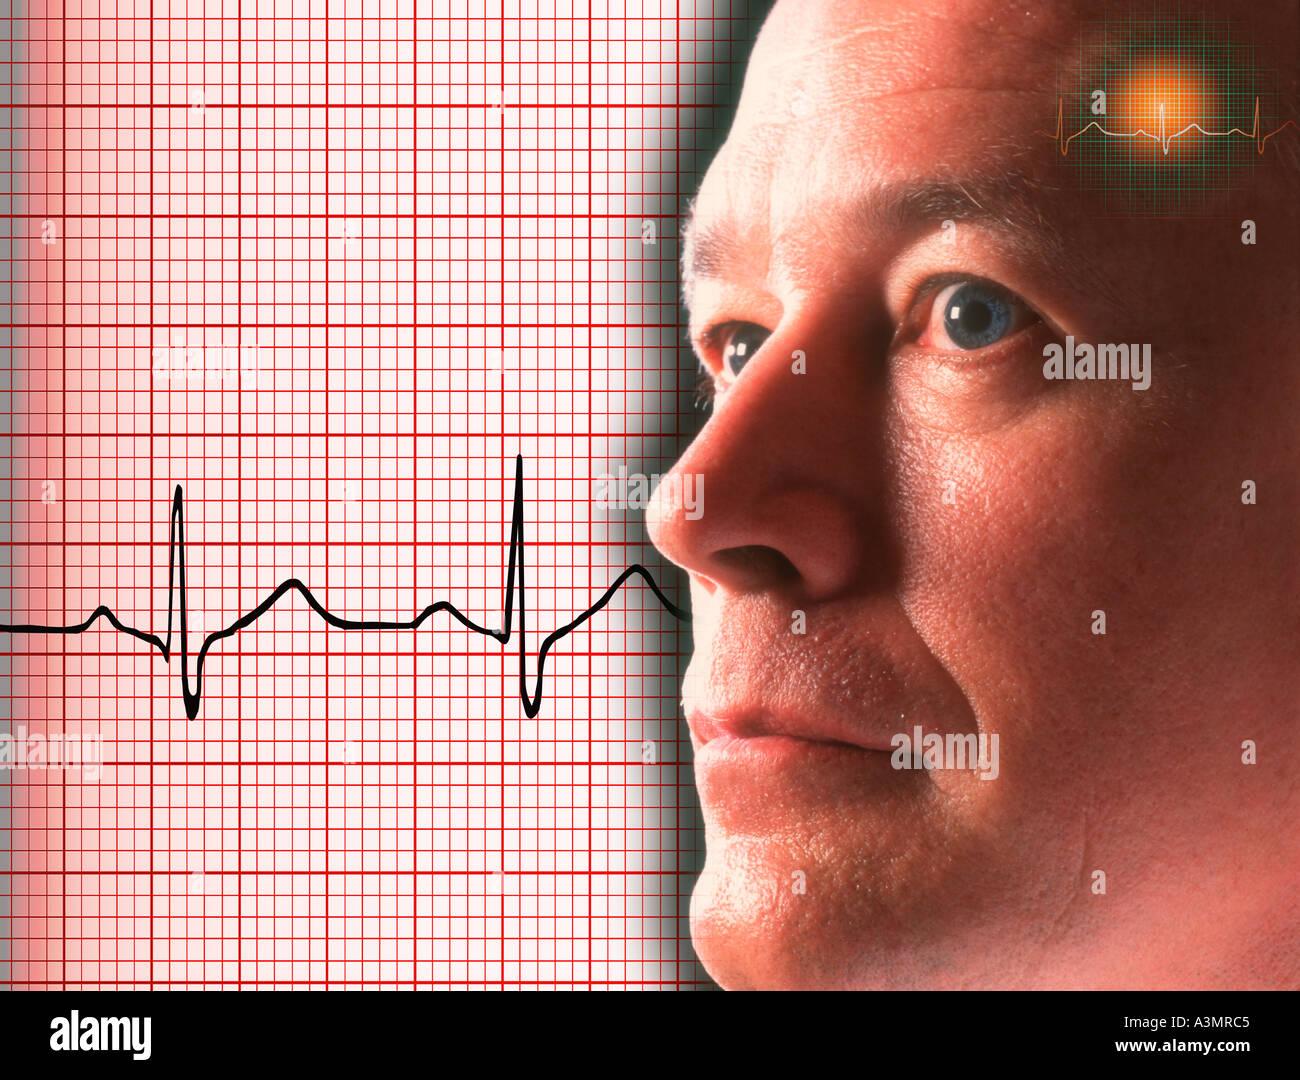 Concetto di immagine del medico con Elettrocardiogramma sfondo Immagini Stock